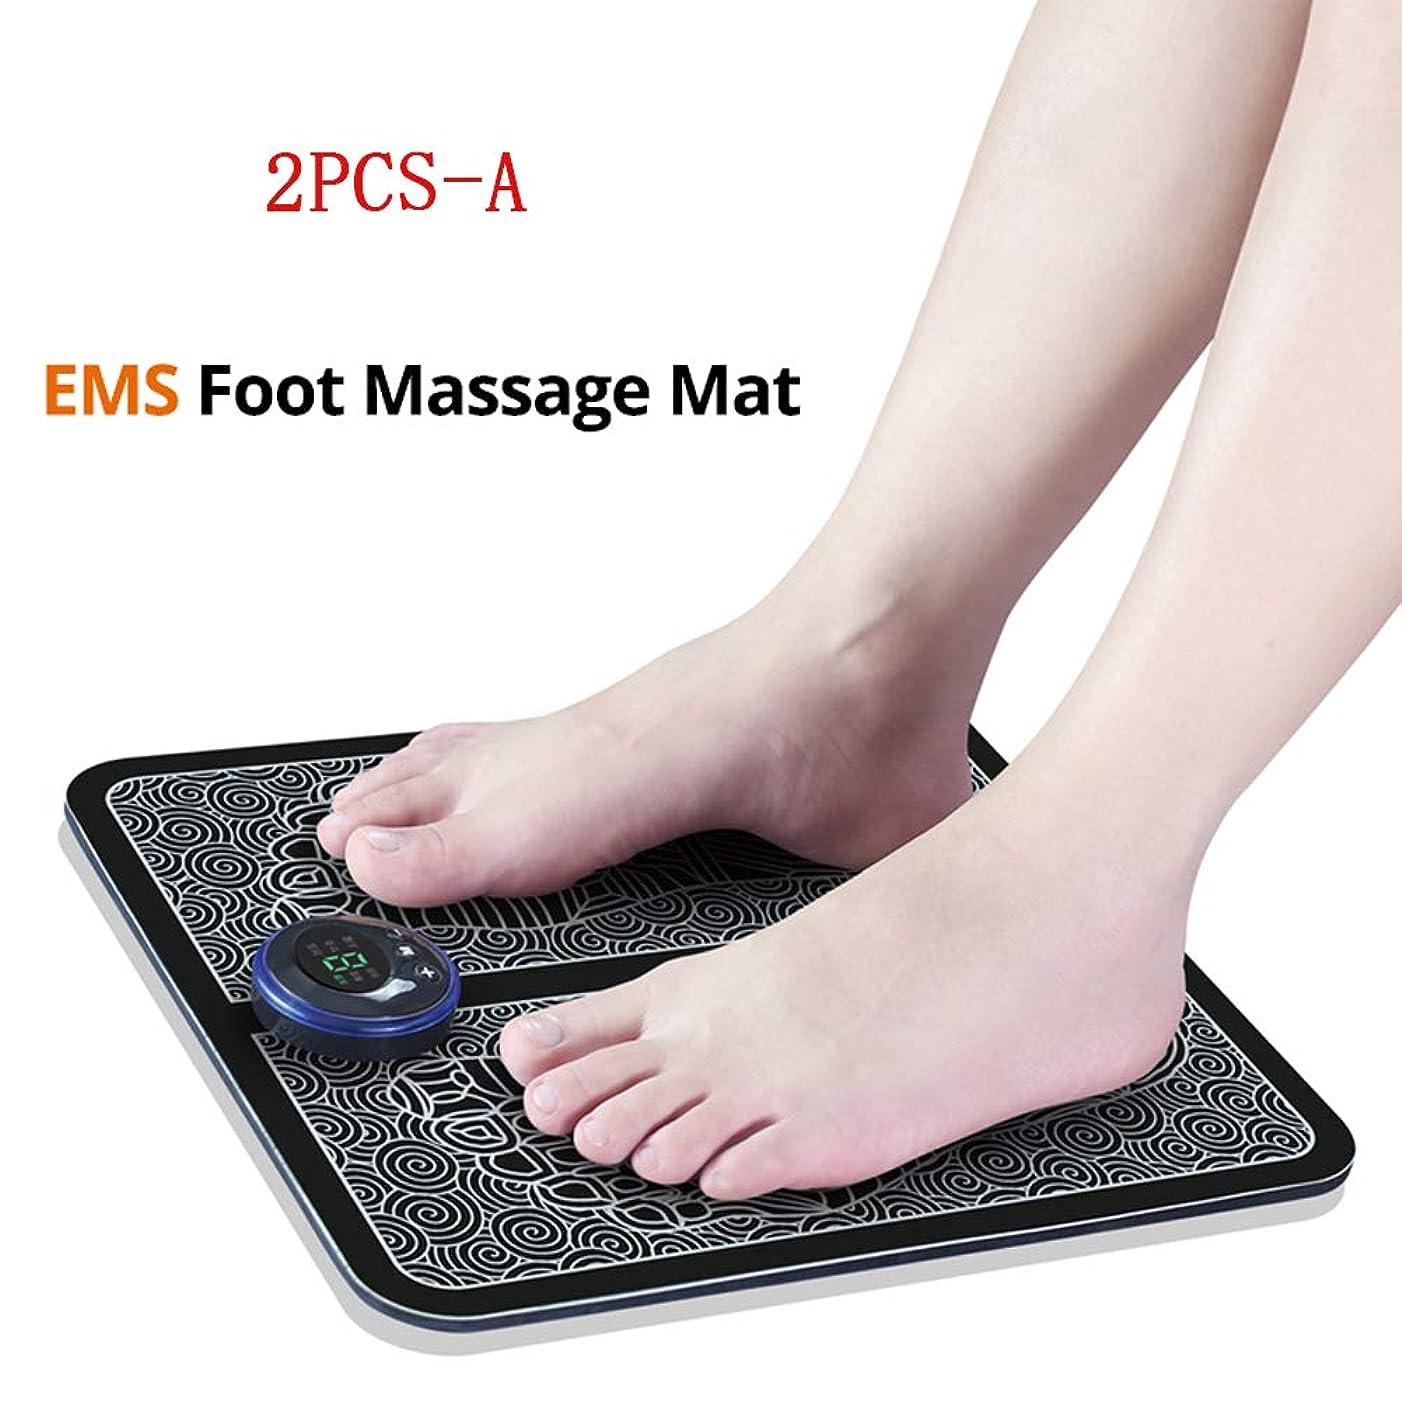 教室立派な文芸EMSスマートフットマッサージパッド、フットマッサージャー、足指圧療法、血液循環の促進、筋肉痛の緩和、男性と女性用、2個,A